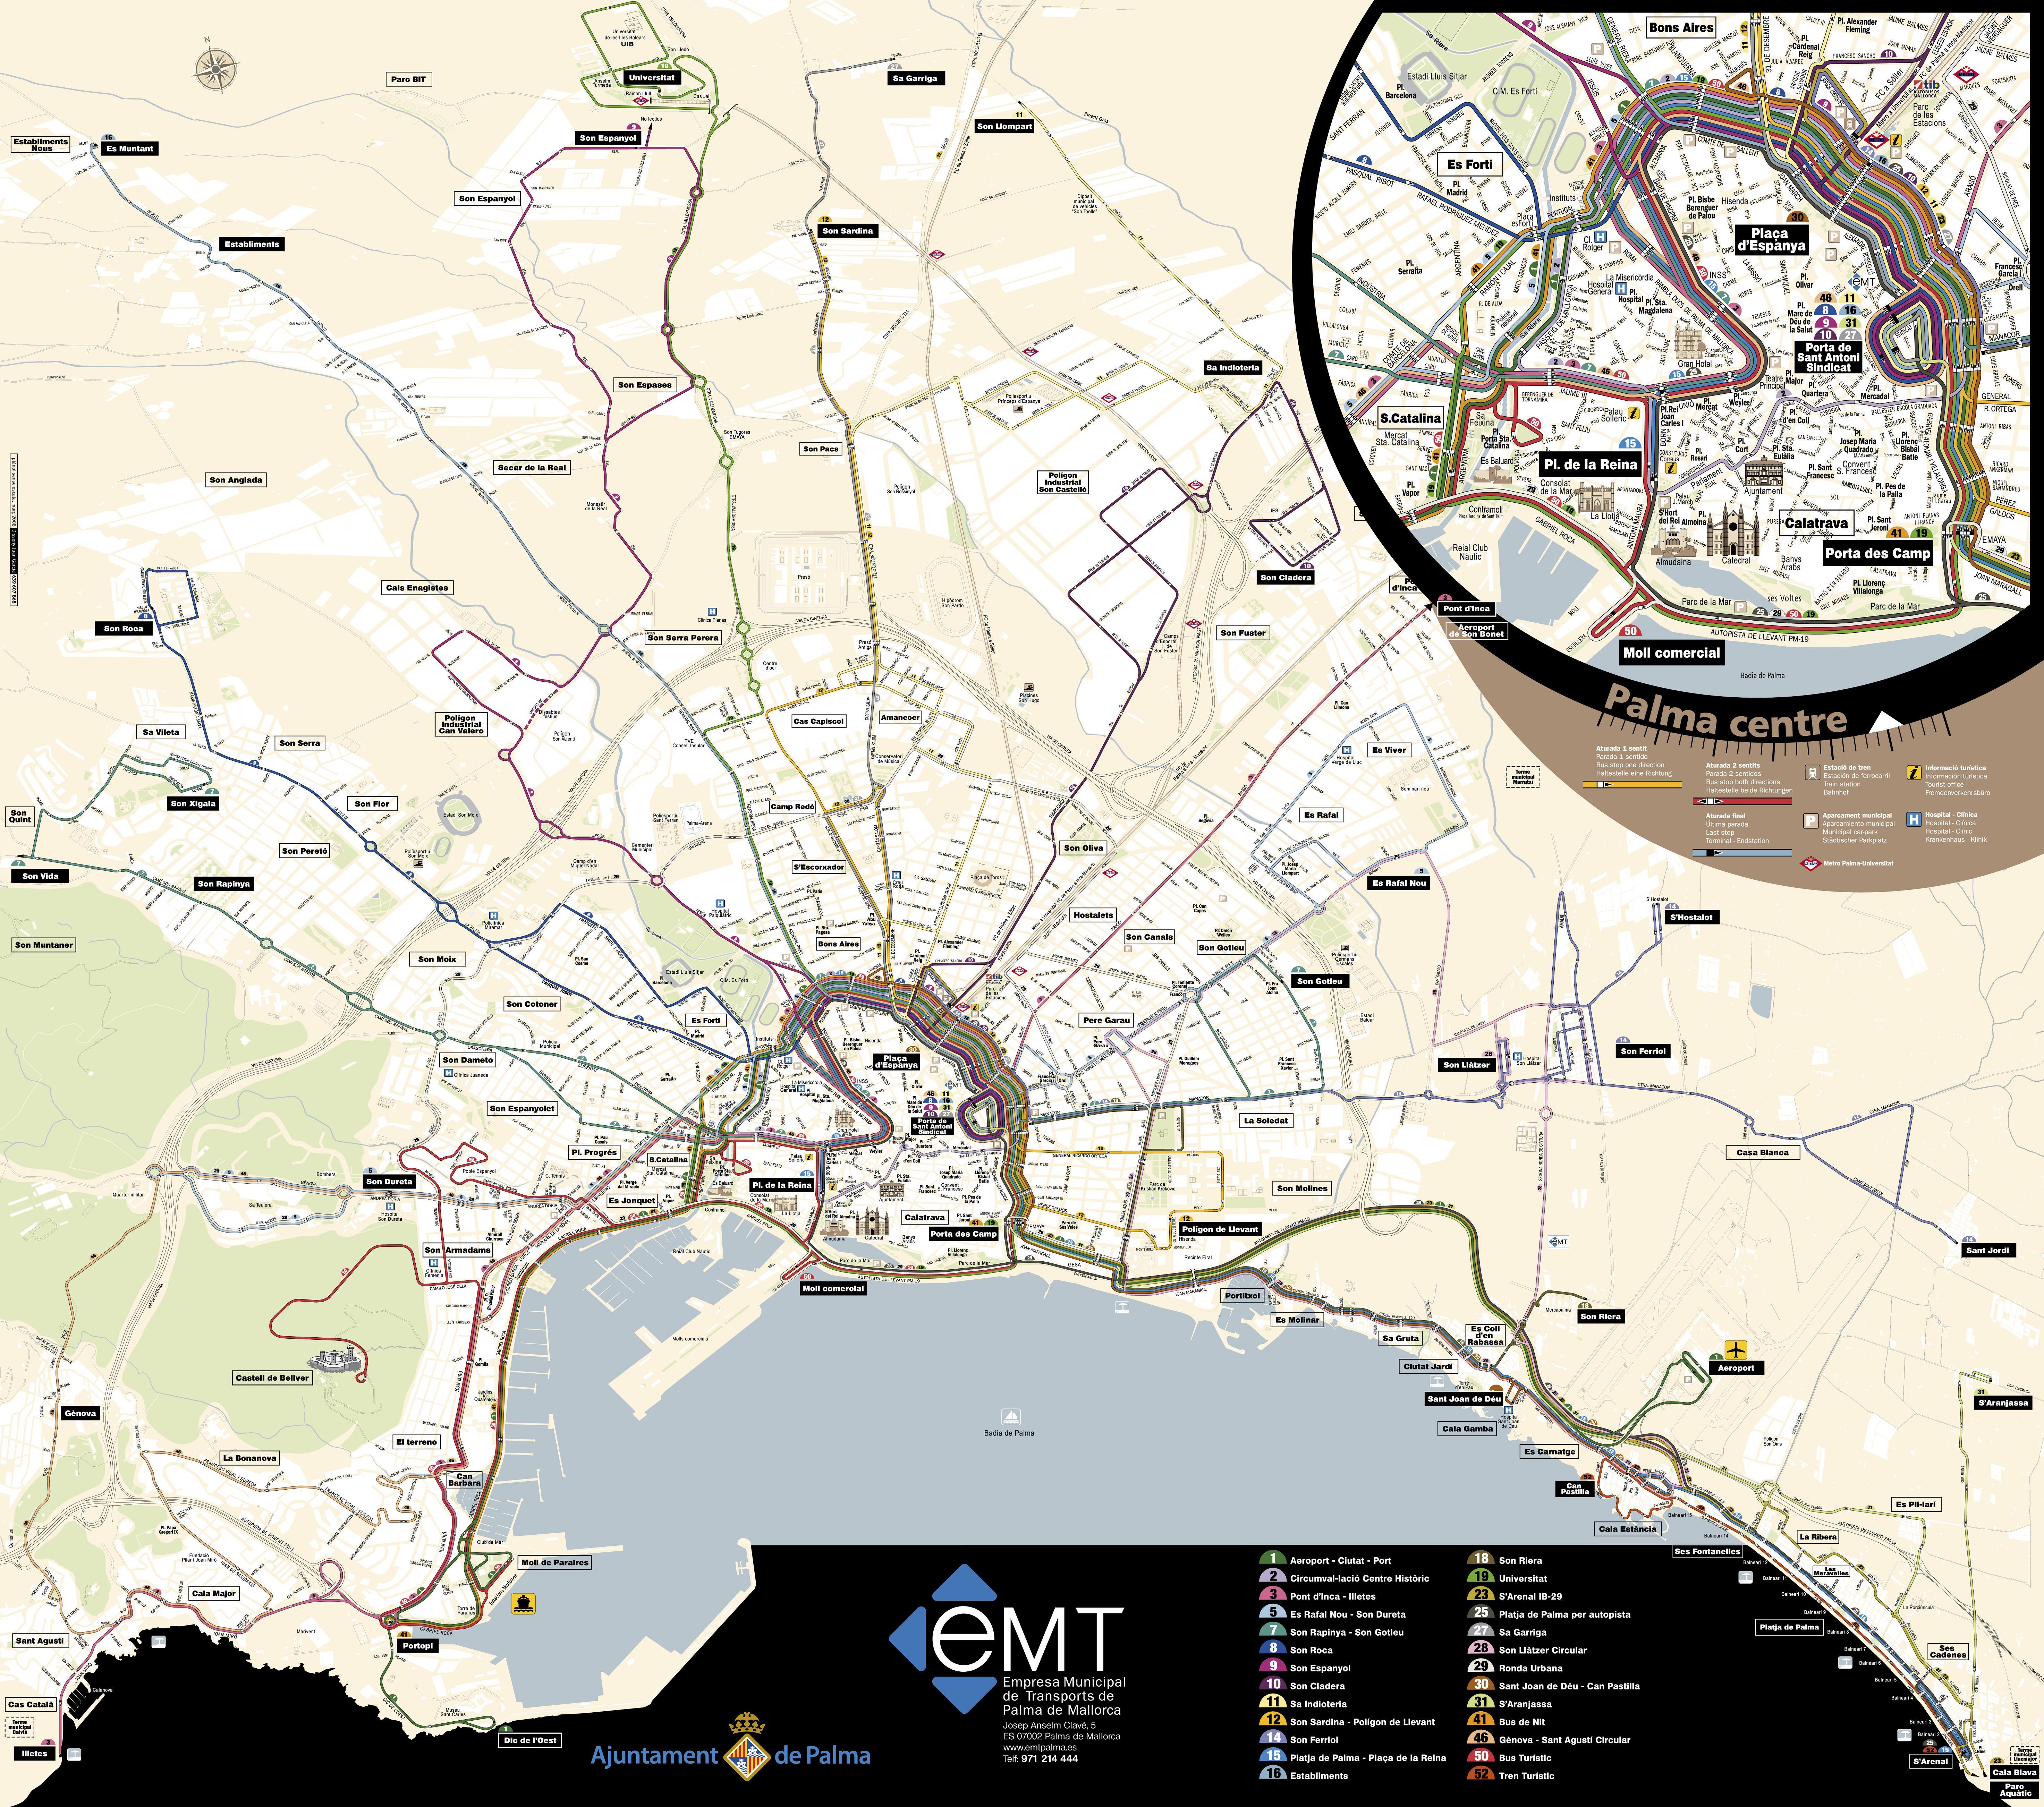 Itinerarios de autobuses de palma de mallorca 2008 - Transportes palma de mallorca ...